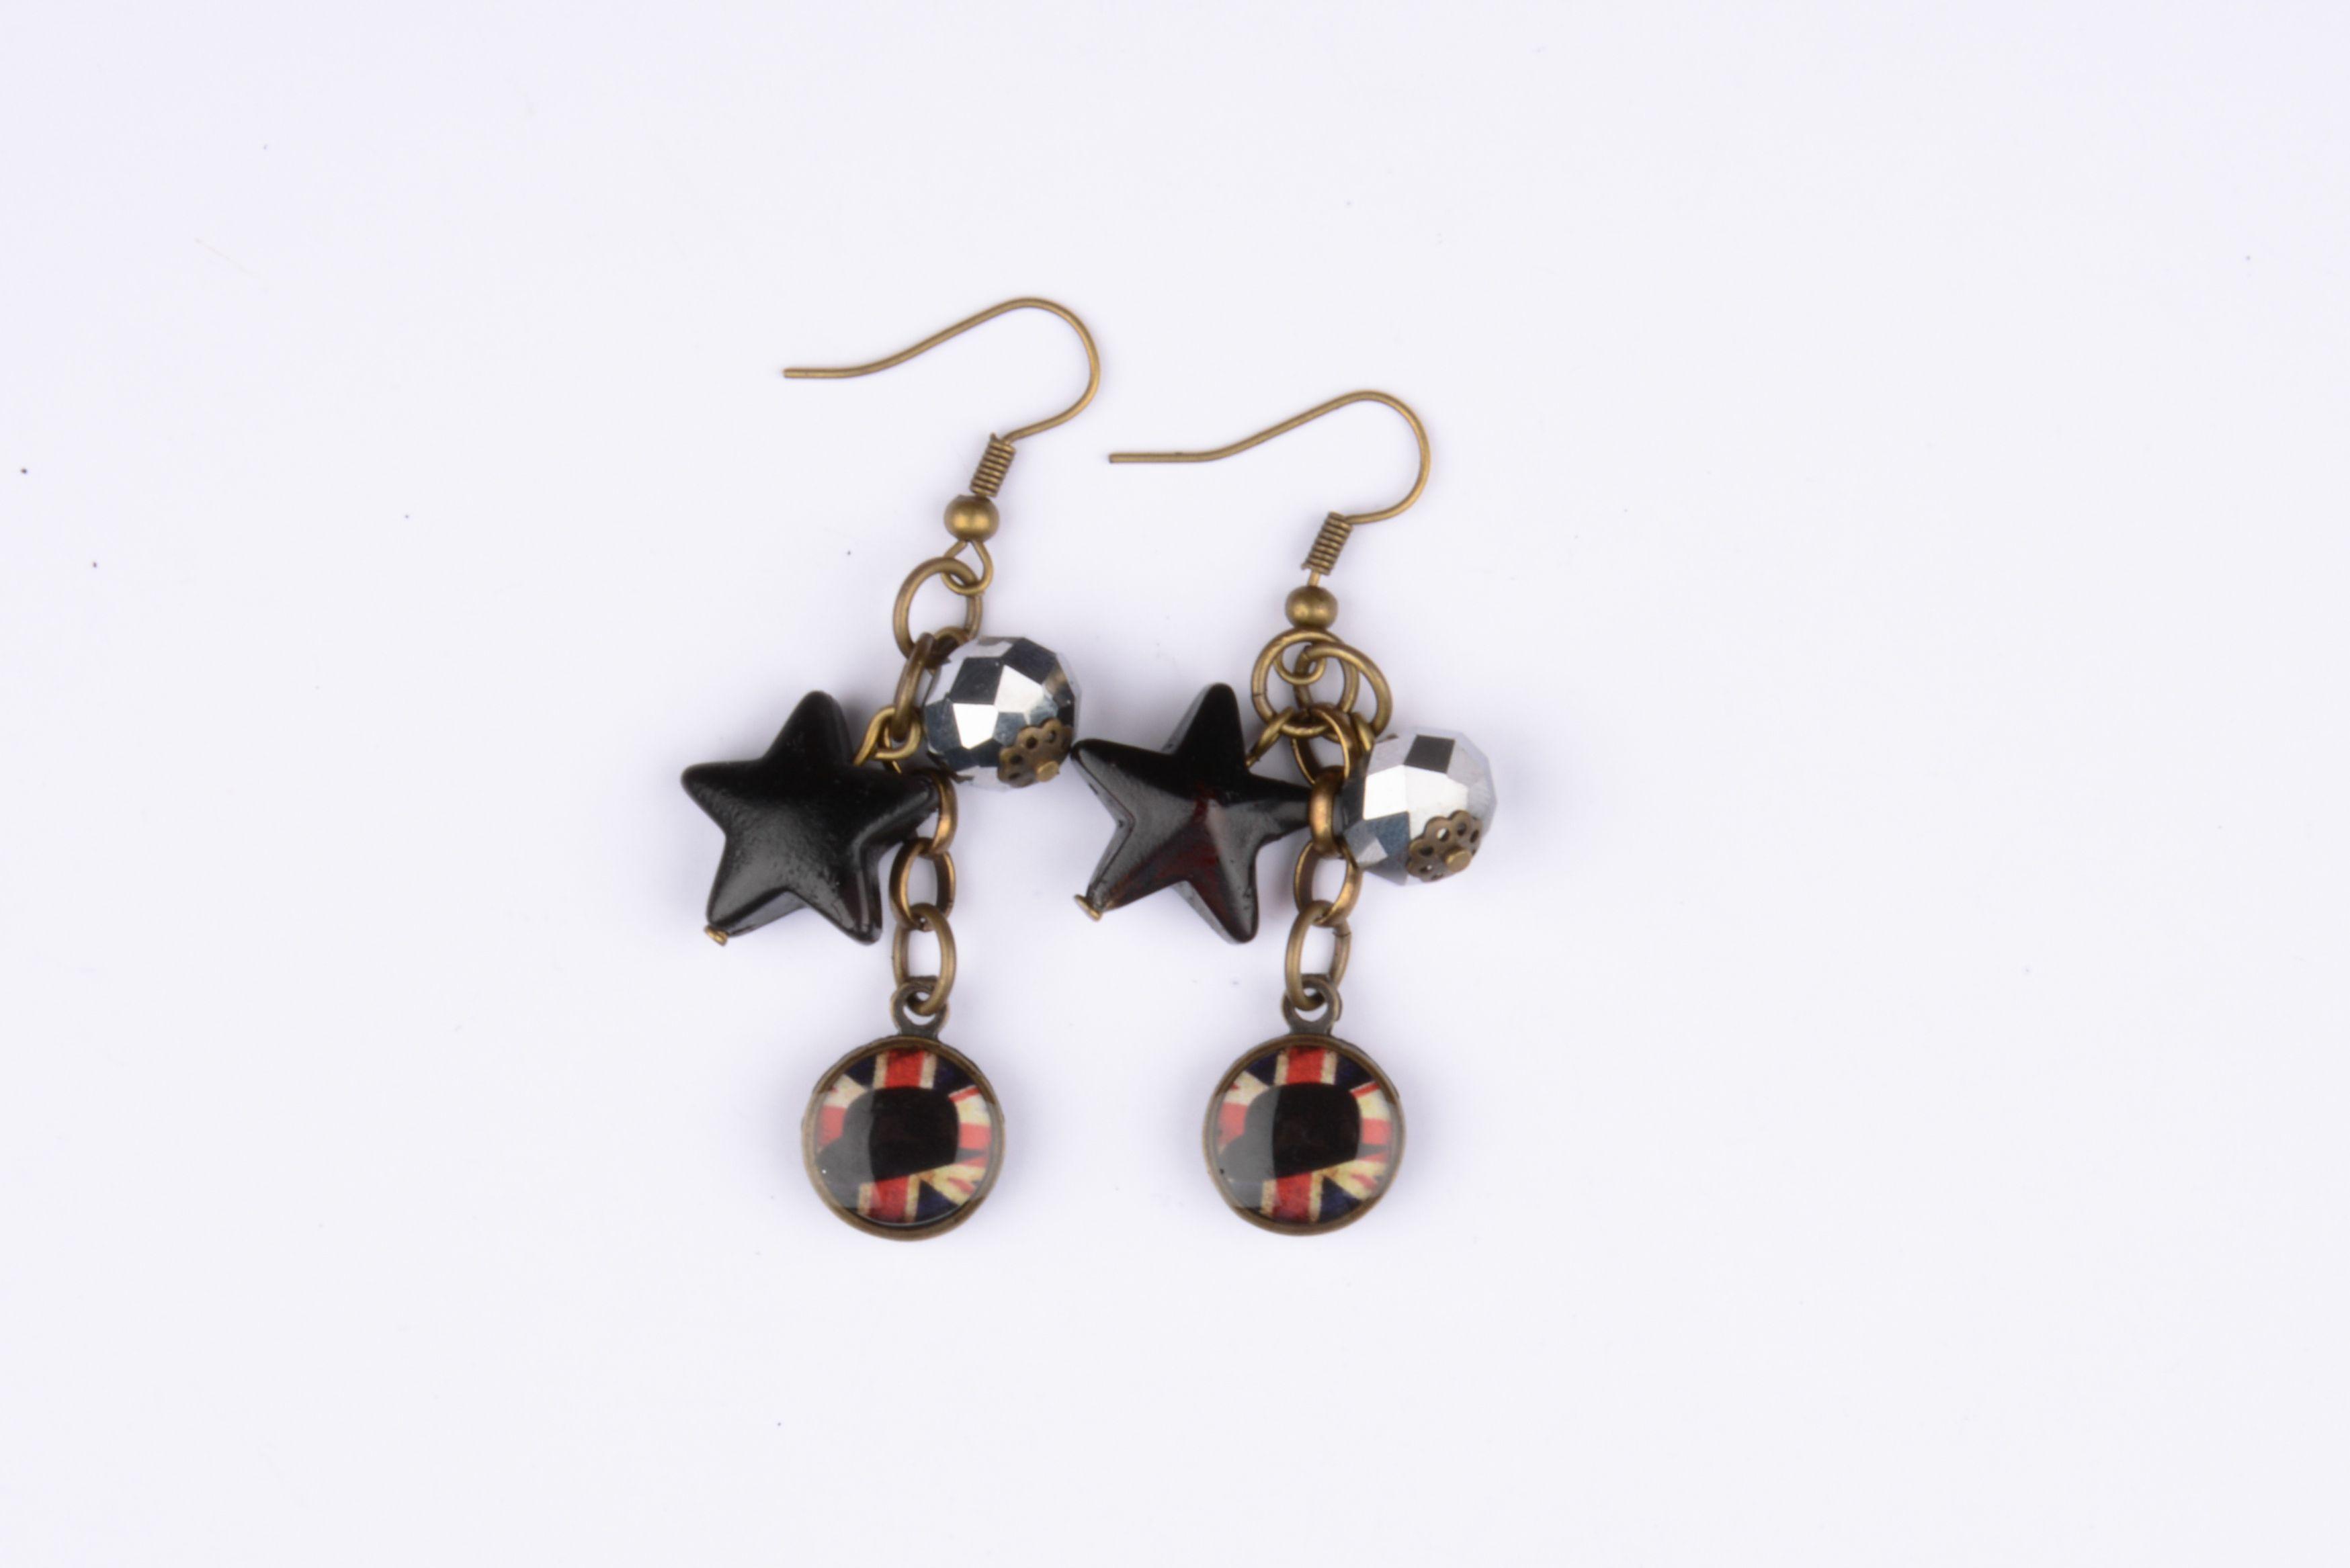 Boucles d'oreilles - collection So British litchi.fr